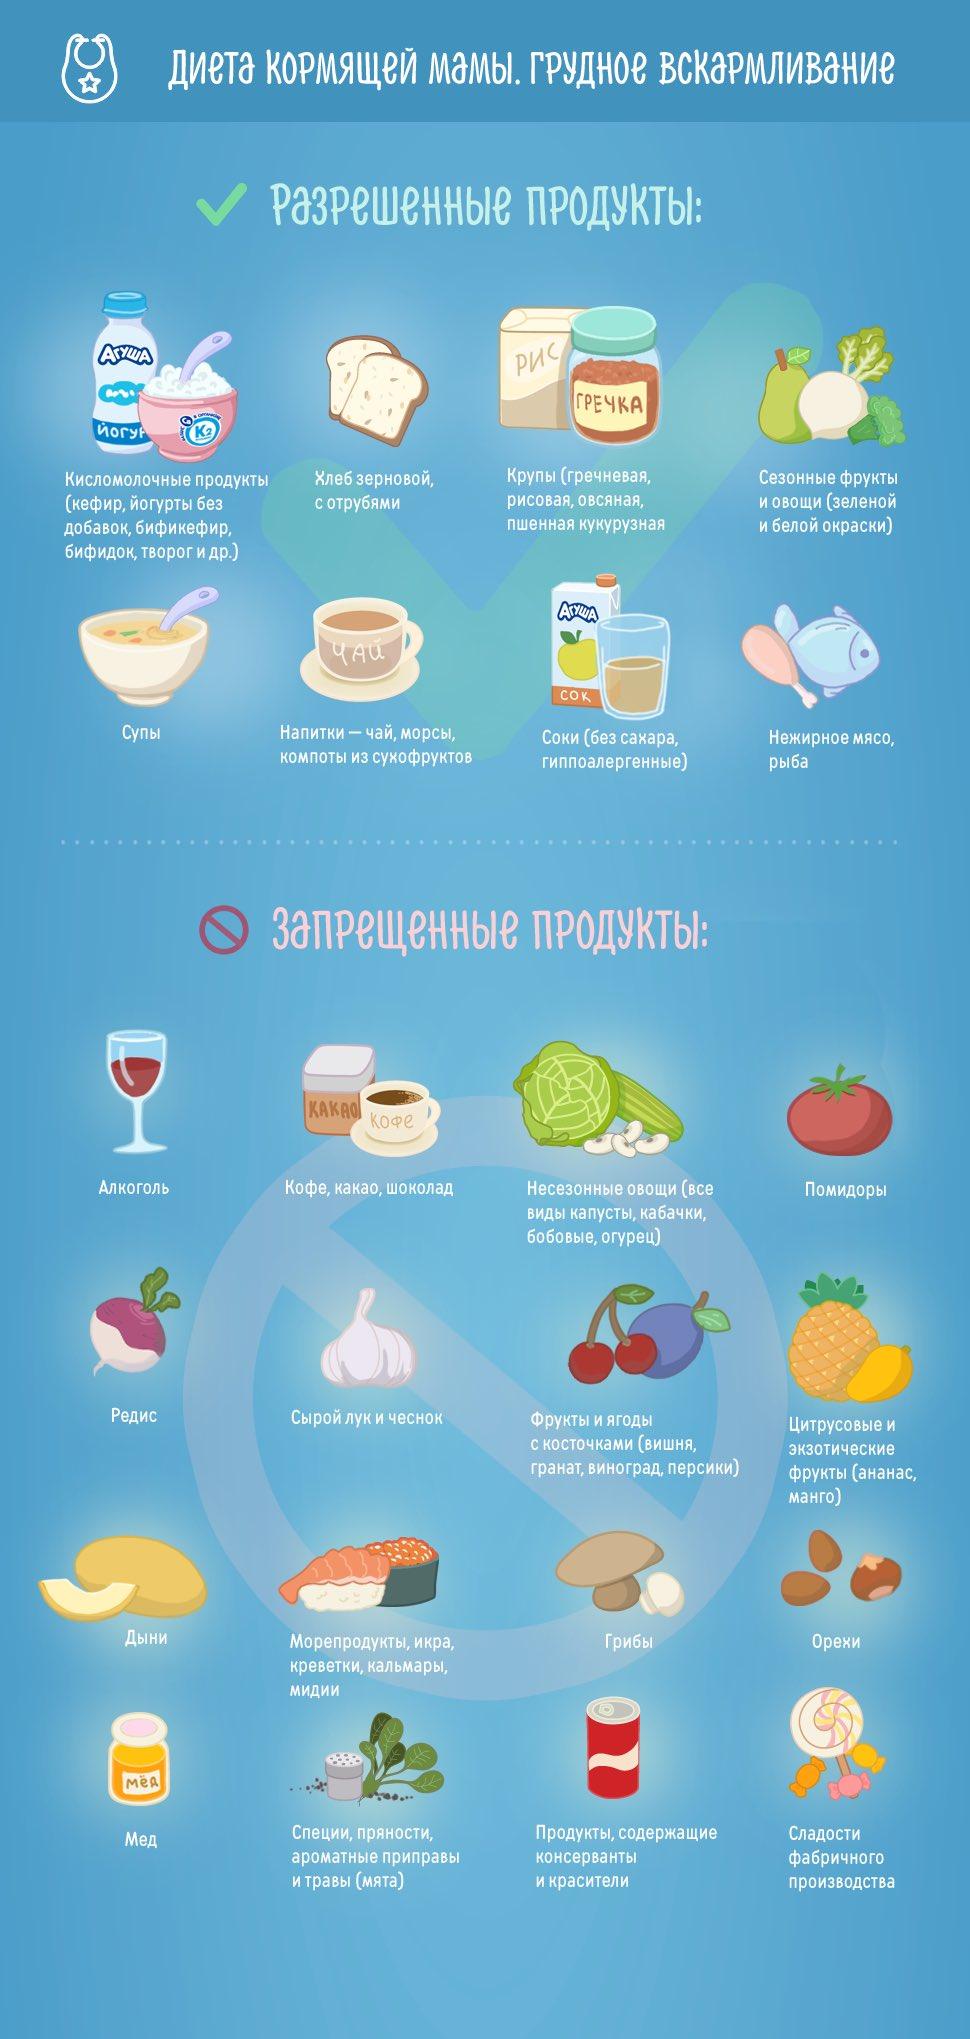 Водная Диета При Грудном Вскармливании. Диета для кормящих мам для похудения: рекомендации, примерное меню на неделю и рецепты блюд, полезных для малыша